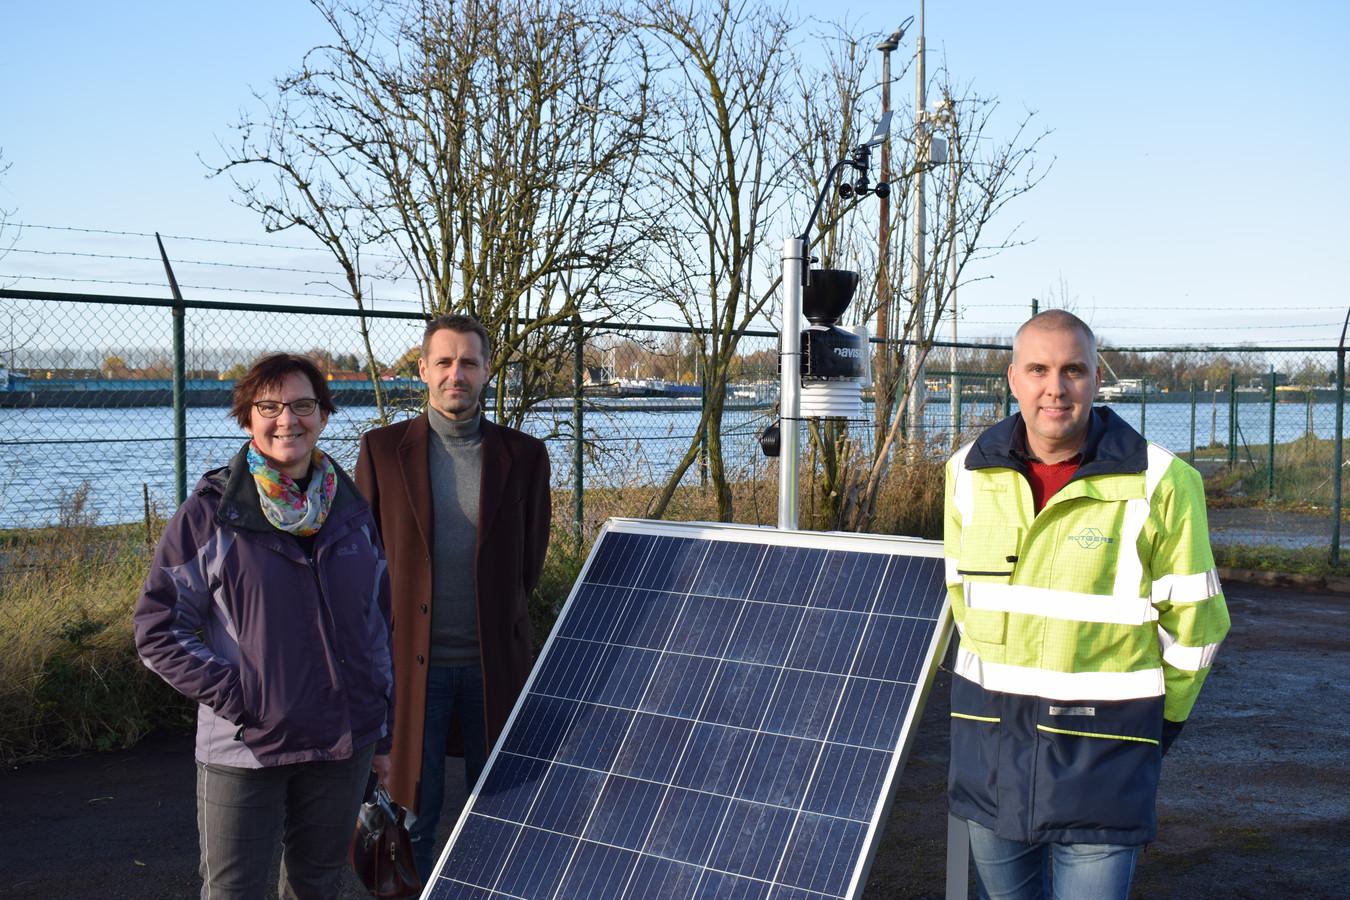 Trees Ongenae, algemeen directeur van Sint-Laurens Geert Naessens en Mario Onselaere van Rain Carbon mochten het toestel vandaag in gebruik nemen.